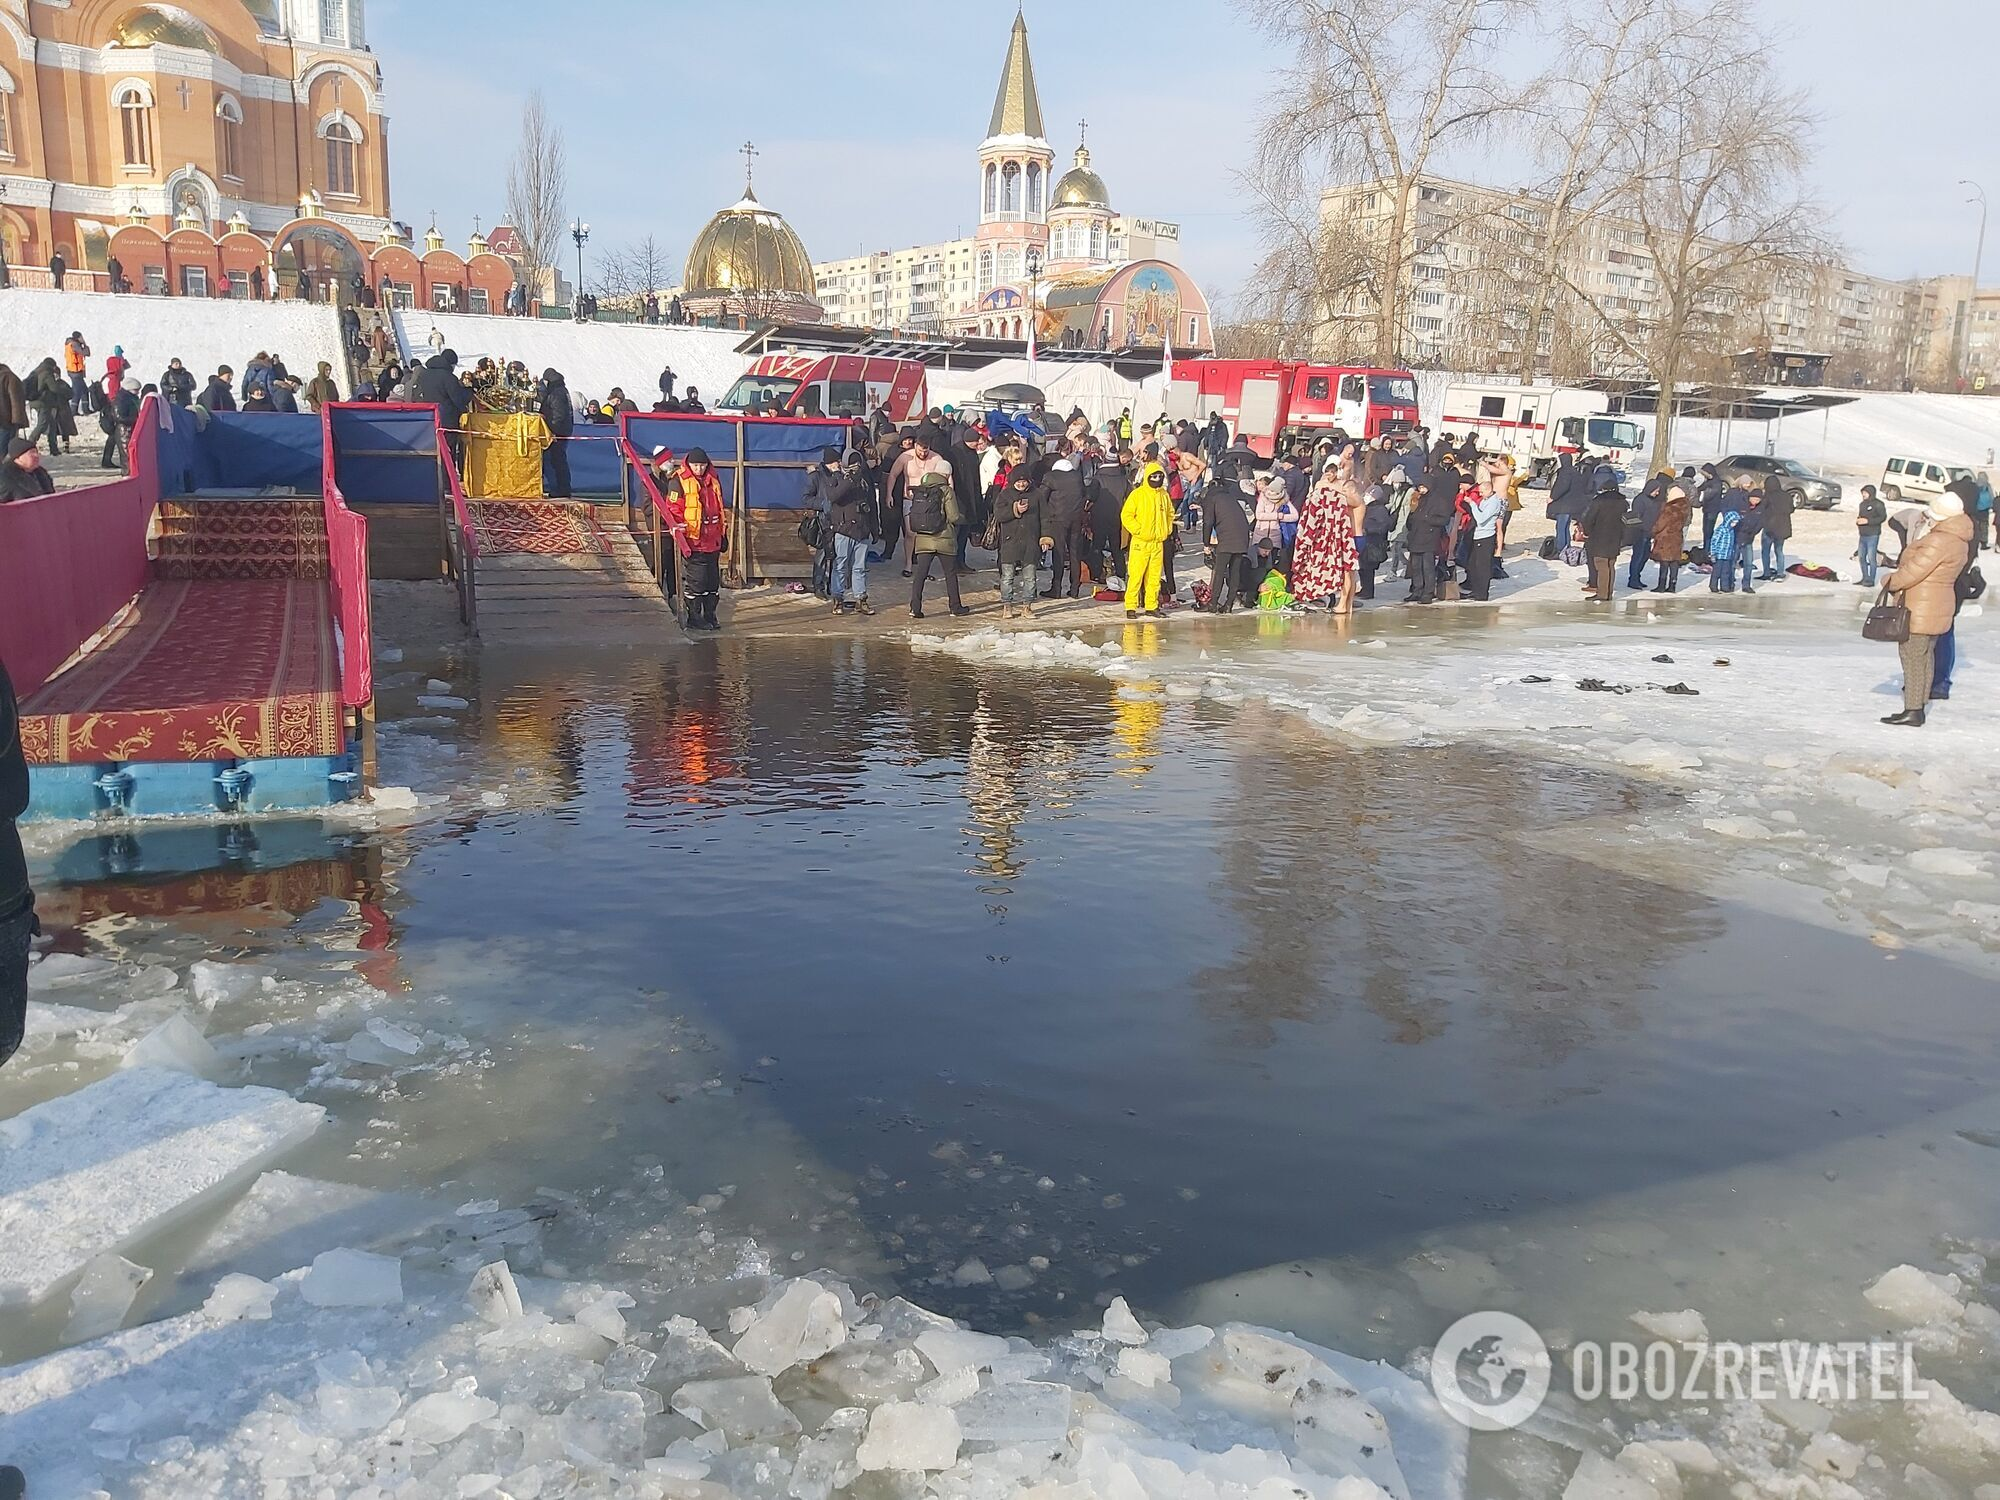 Сотни киевлян пришли окунуться в прорубь.